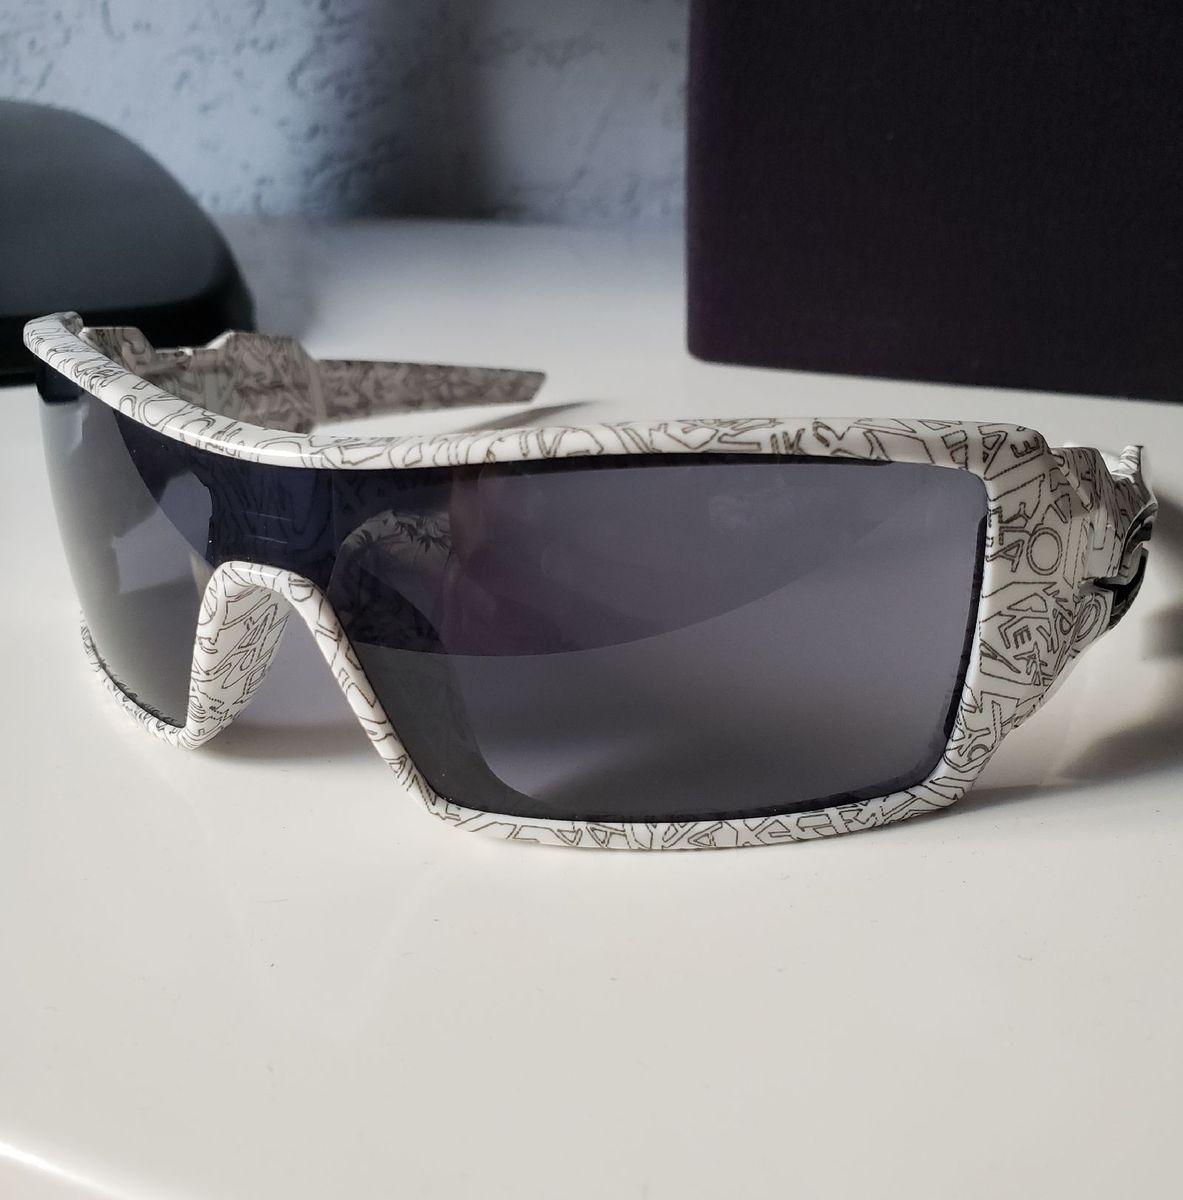 oakley oil rig original - óculos oakley.  Czm6ly9wag90b3muzw5qb2vplmnvbs5ici9wcm9kdwn0cy8xmdgynzgymy85zju2zjc4mtbiotcwmgvimmu3zwq5mdkyotq2yjfjos5qcgc  ... facab43474